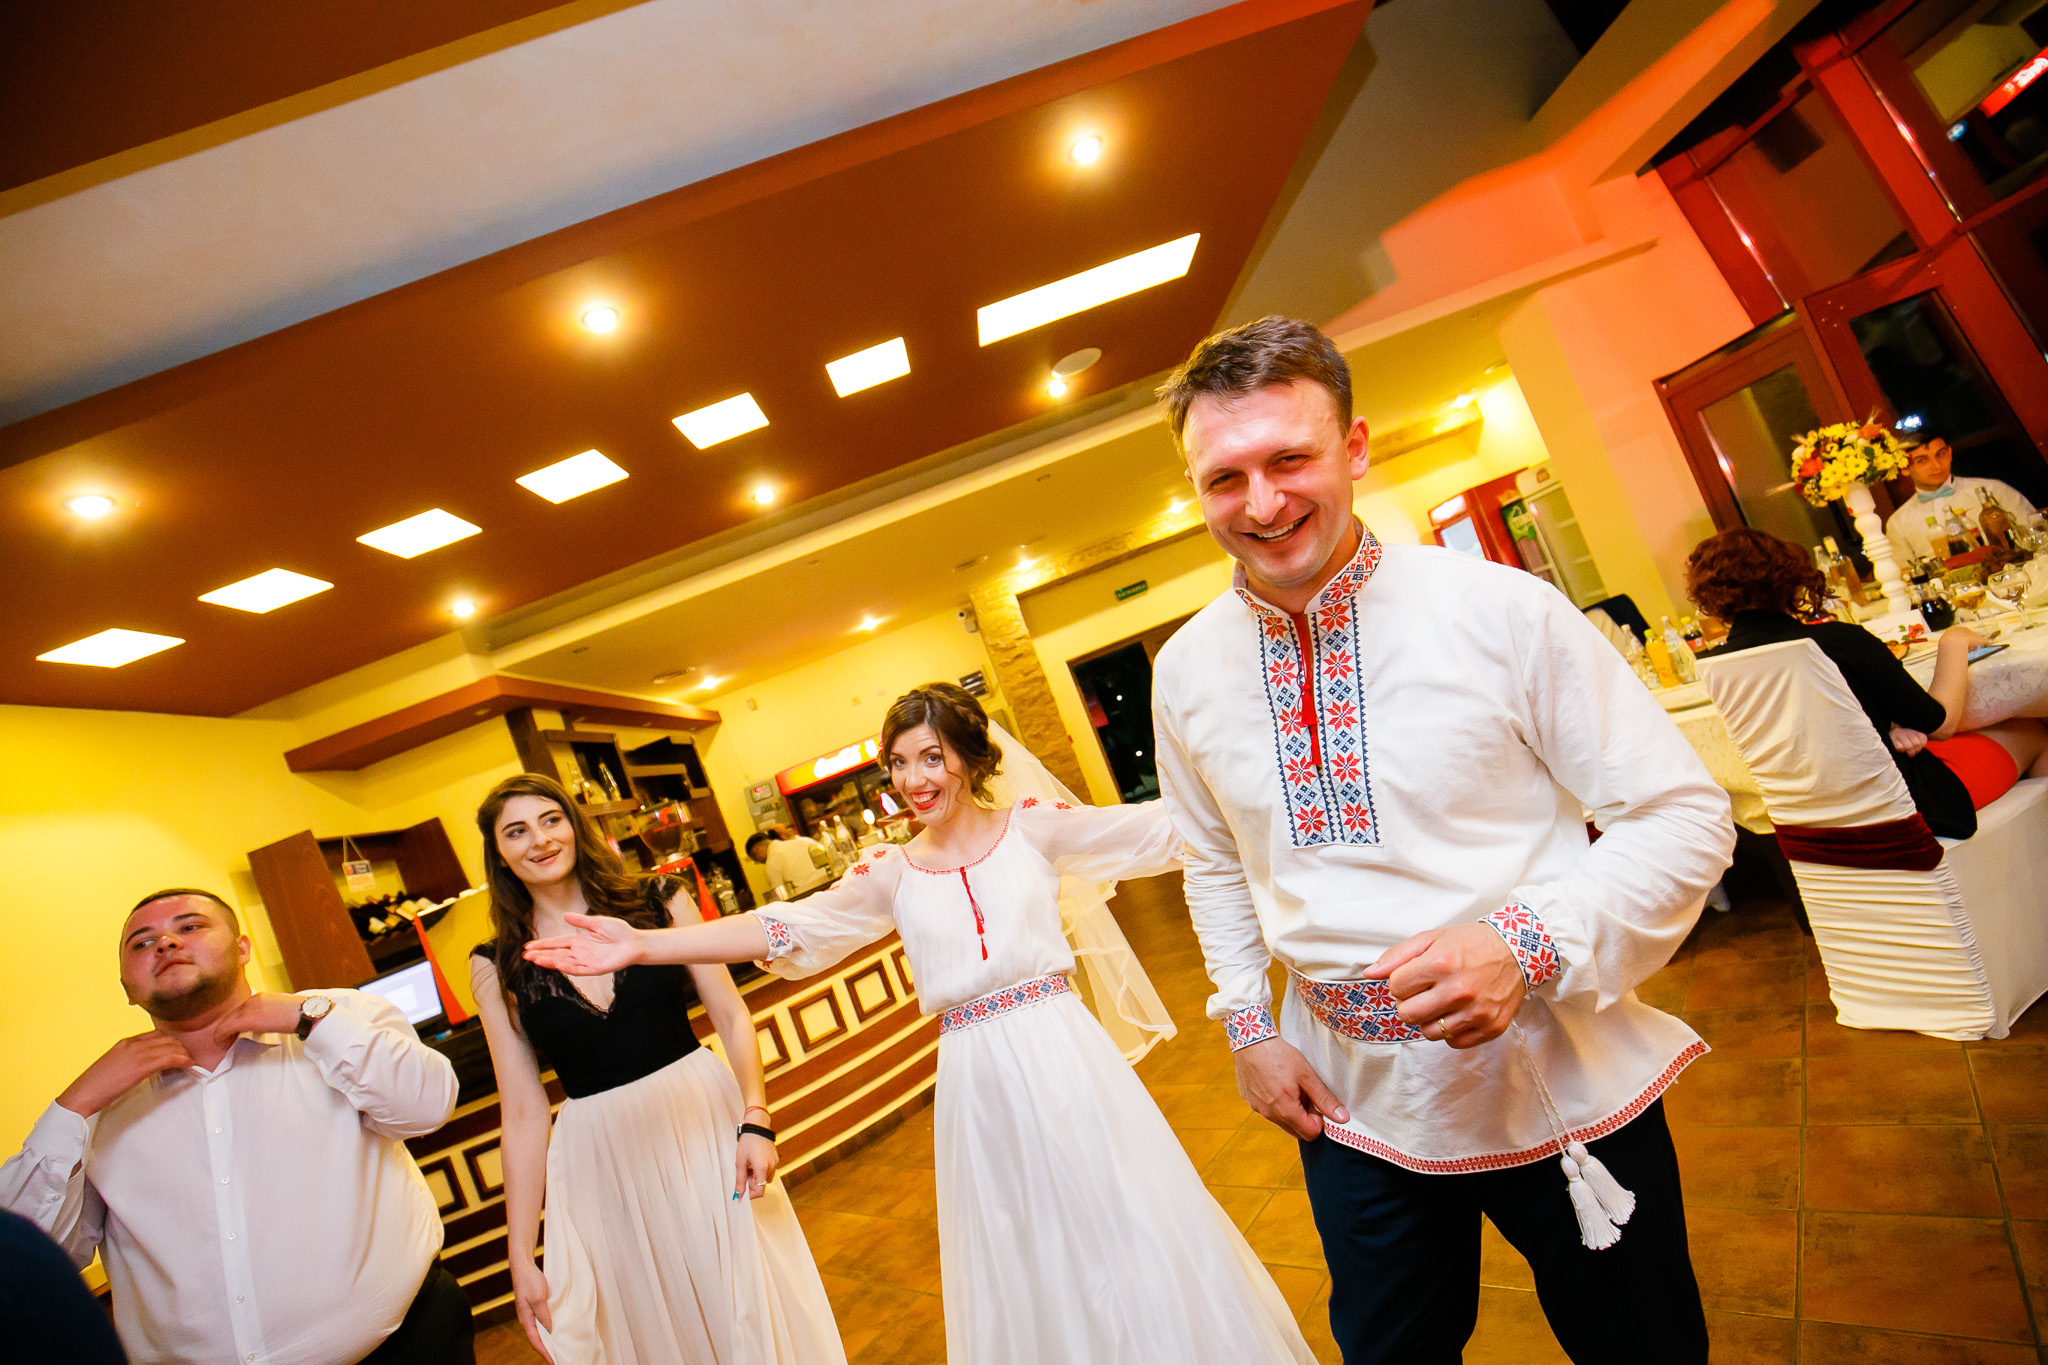 Nuntă tradițională Elisabeta și Alexandru fotograf profesionist nunta Iasi www.paulpadurariu.ro © 2018 Paul Padurariu fotograf de nunta Iasi petrecere 8